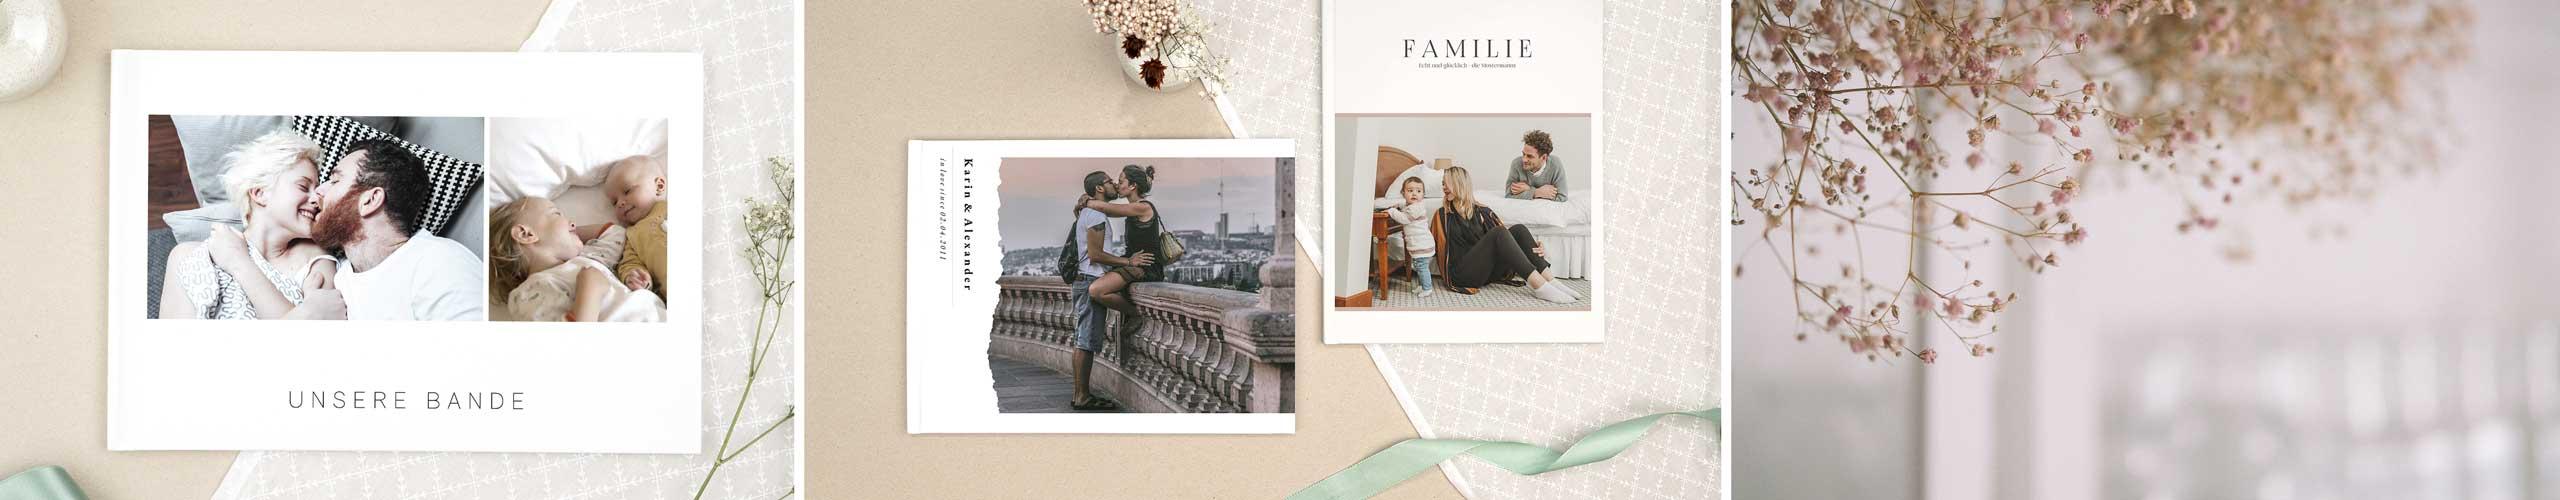 Kreative Vorlagen Für Fotobücher Einfache Online Gestaltung